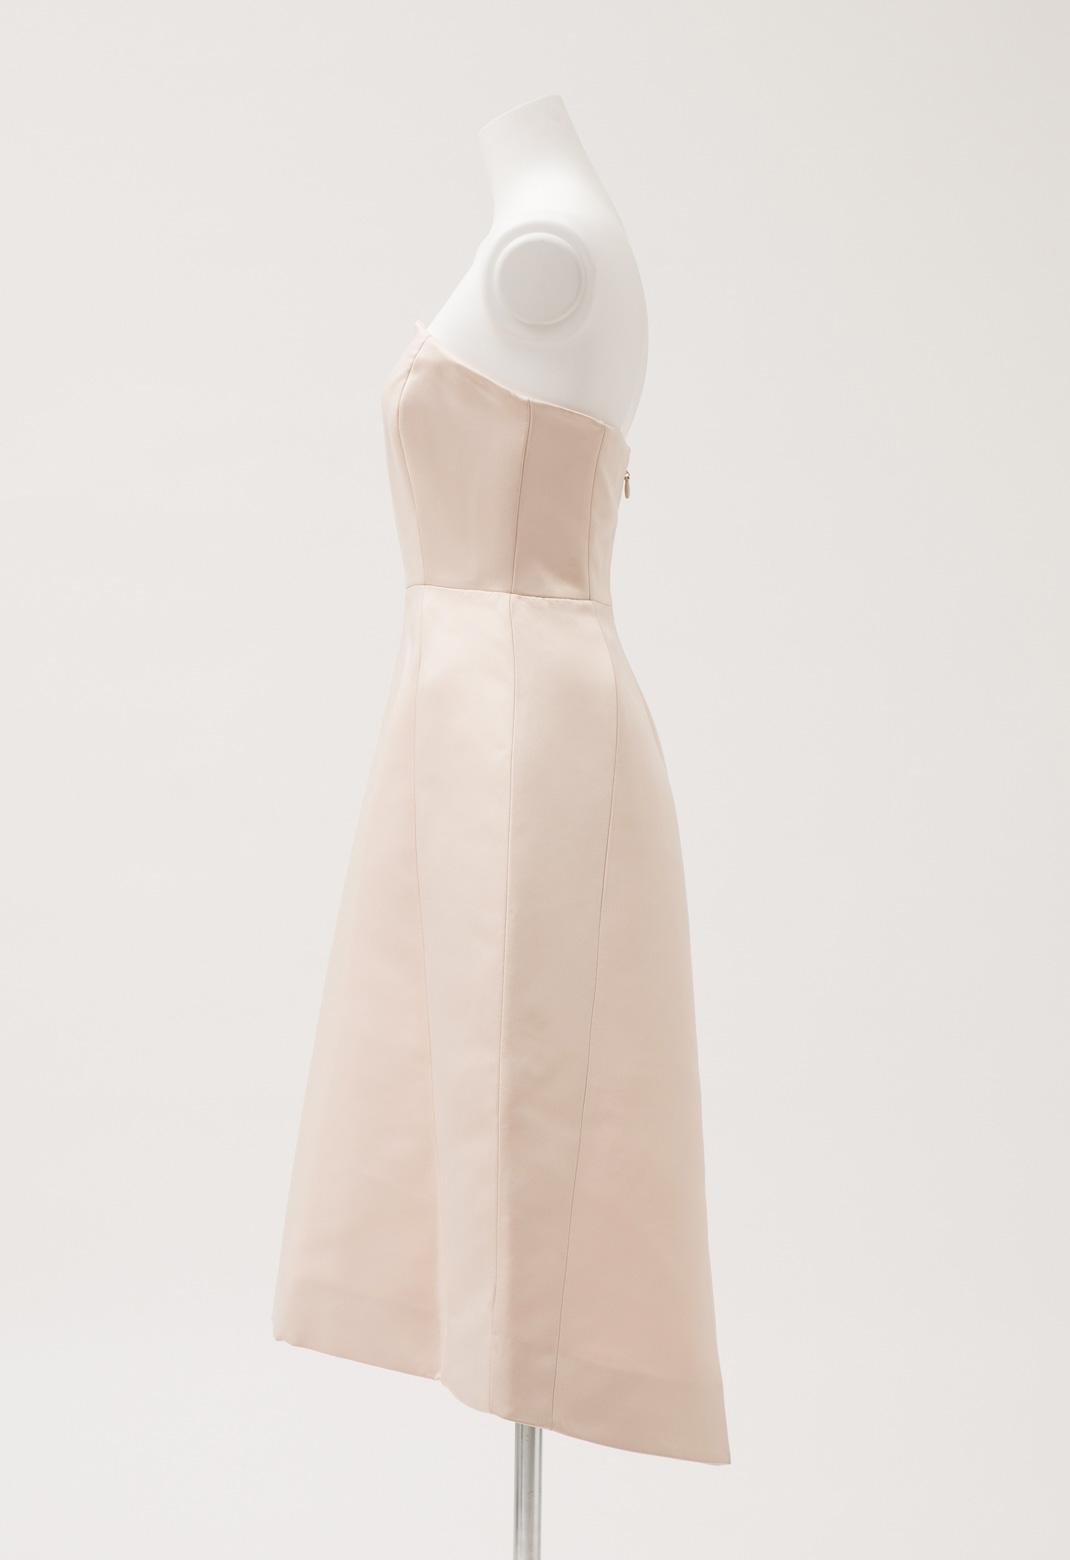 ストラップレス フレア ドレス